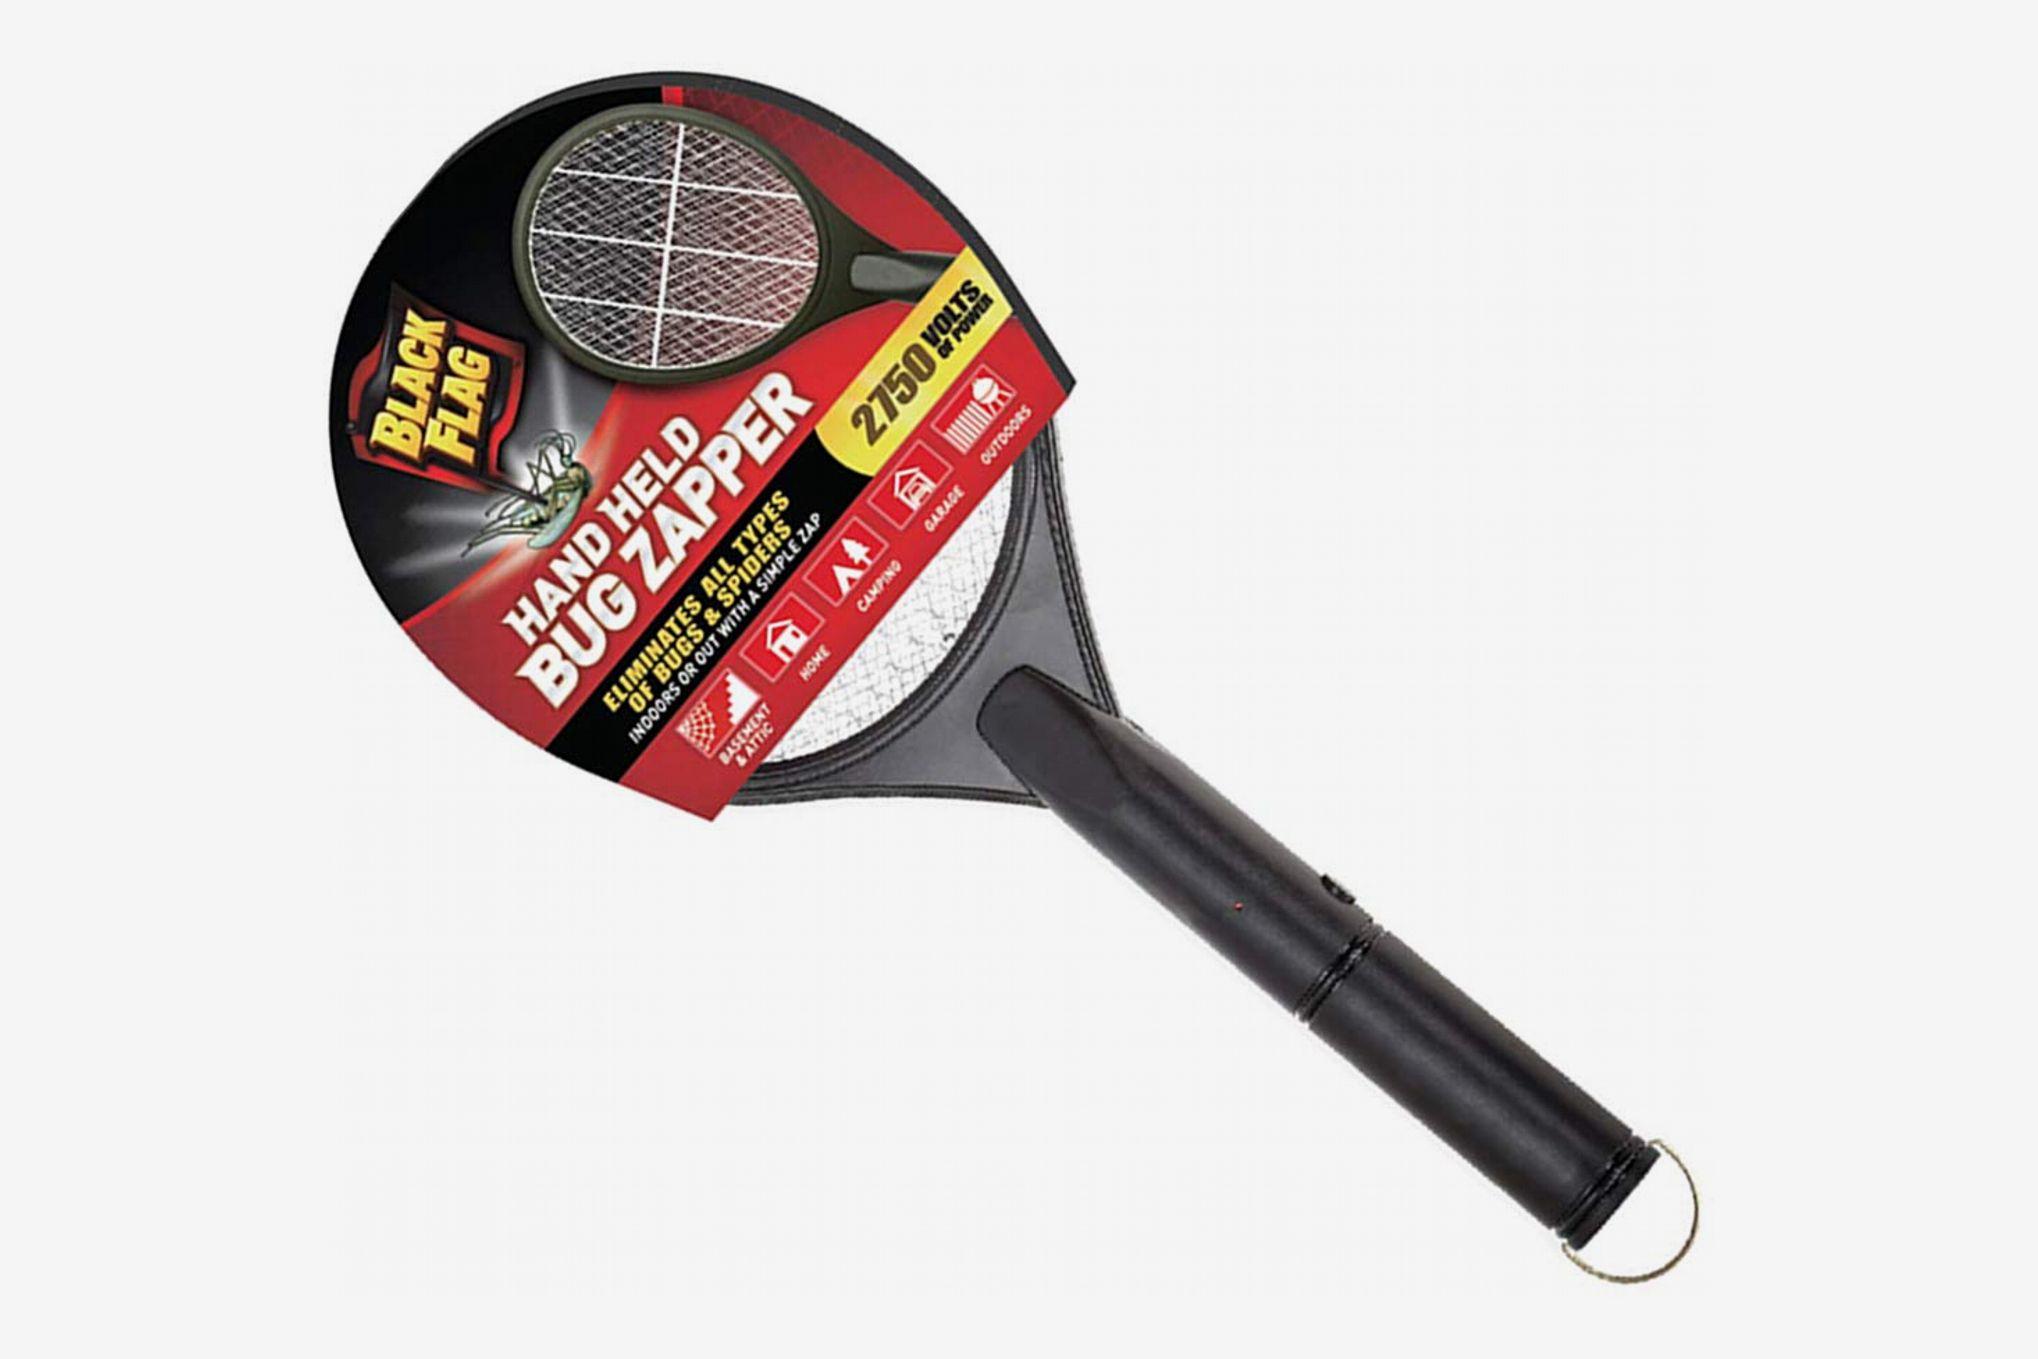 Black Flag Handheld Electric Bug Zapper Racket